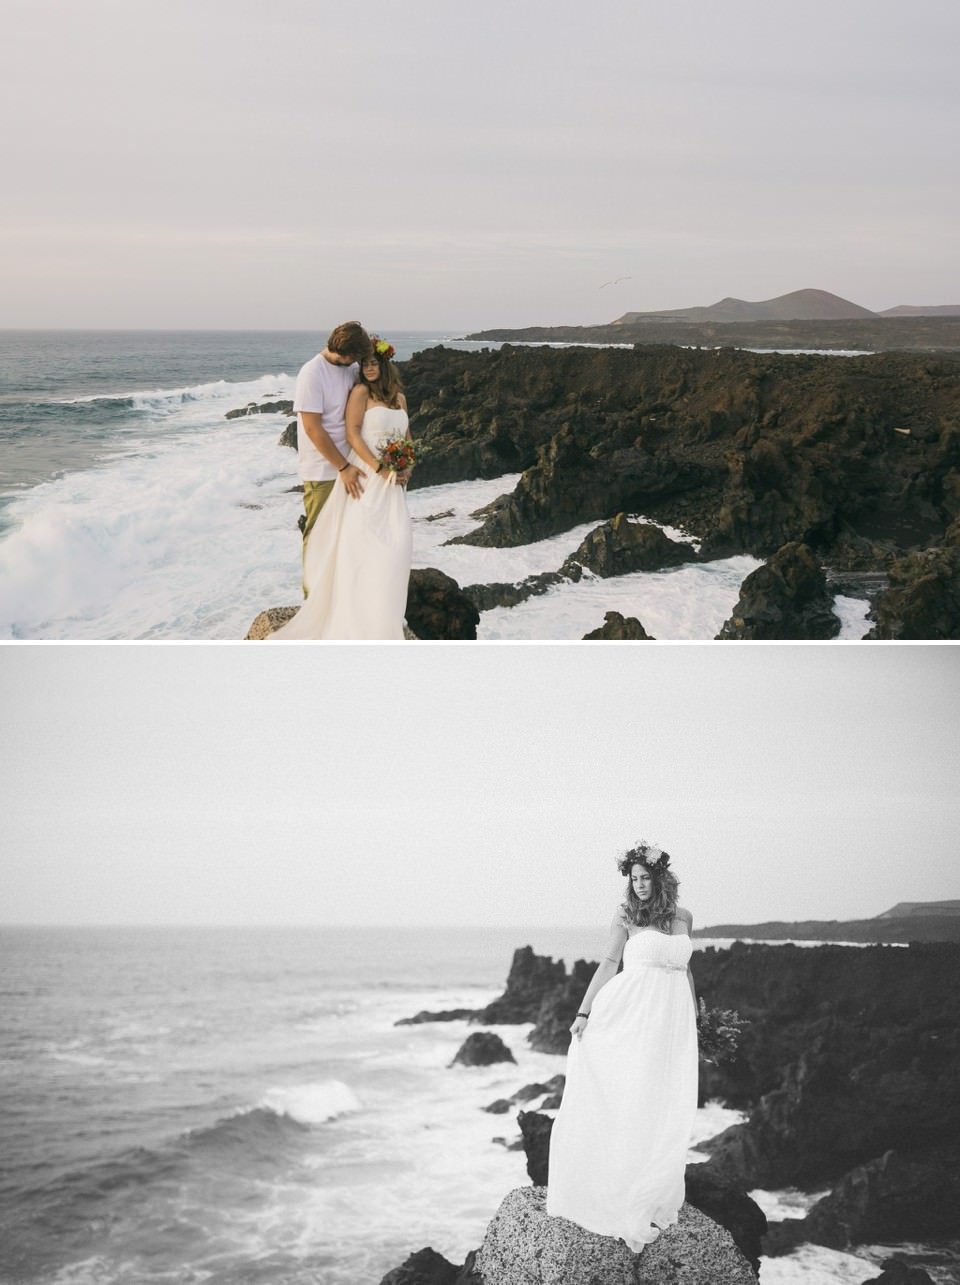 Heiraten auf den kanarischen Inseln | Elopement Lanzarote | FORMA photography